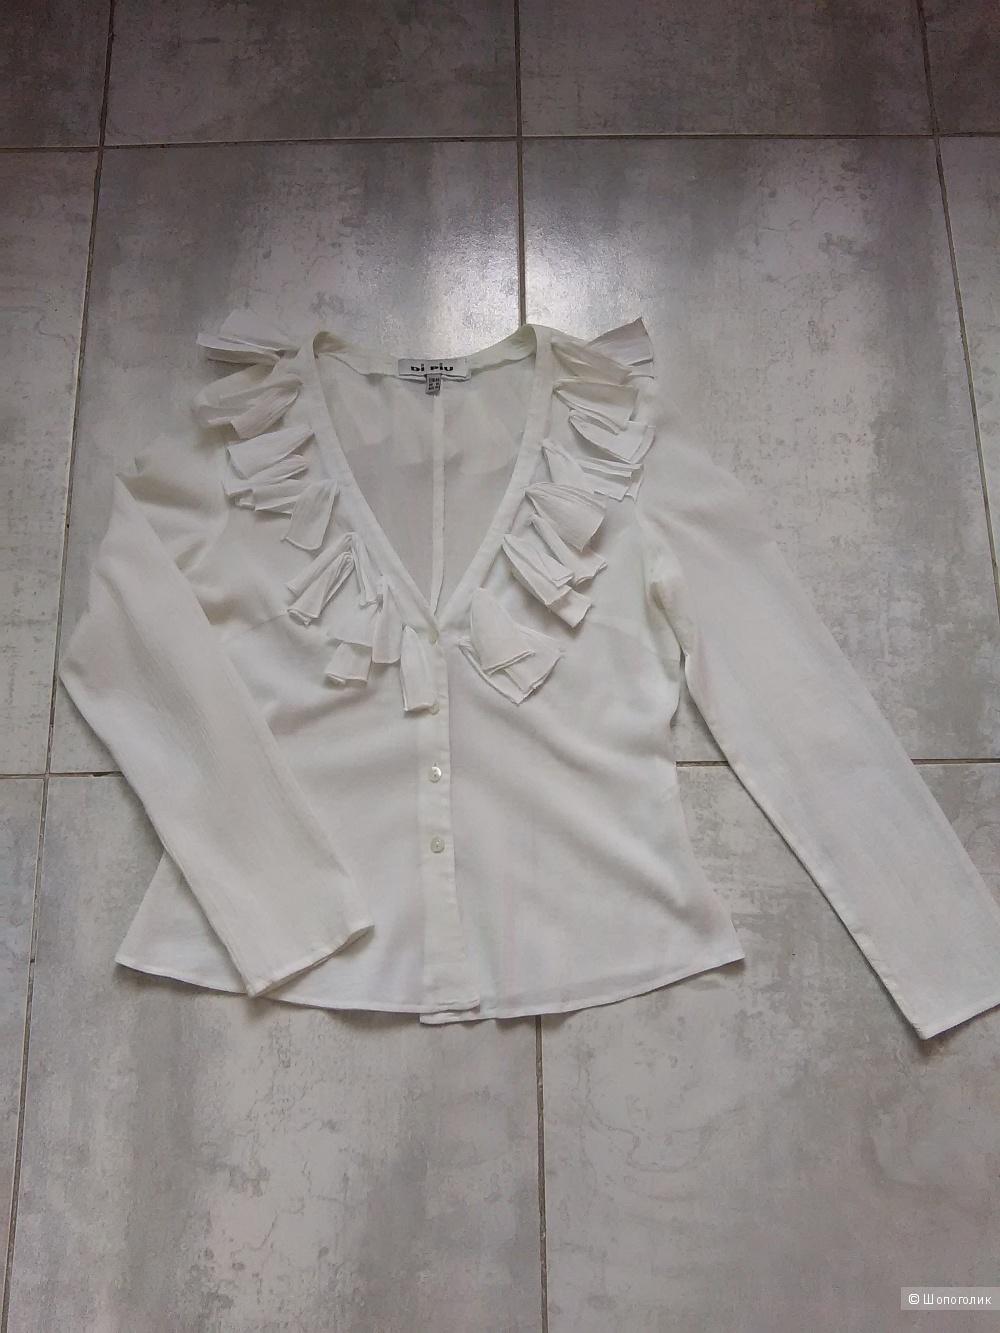 Блузка из марлевки DI PIU, размер 44/46 рос